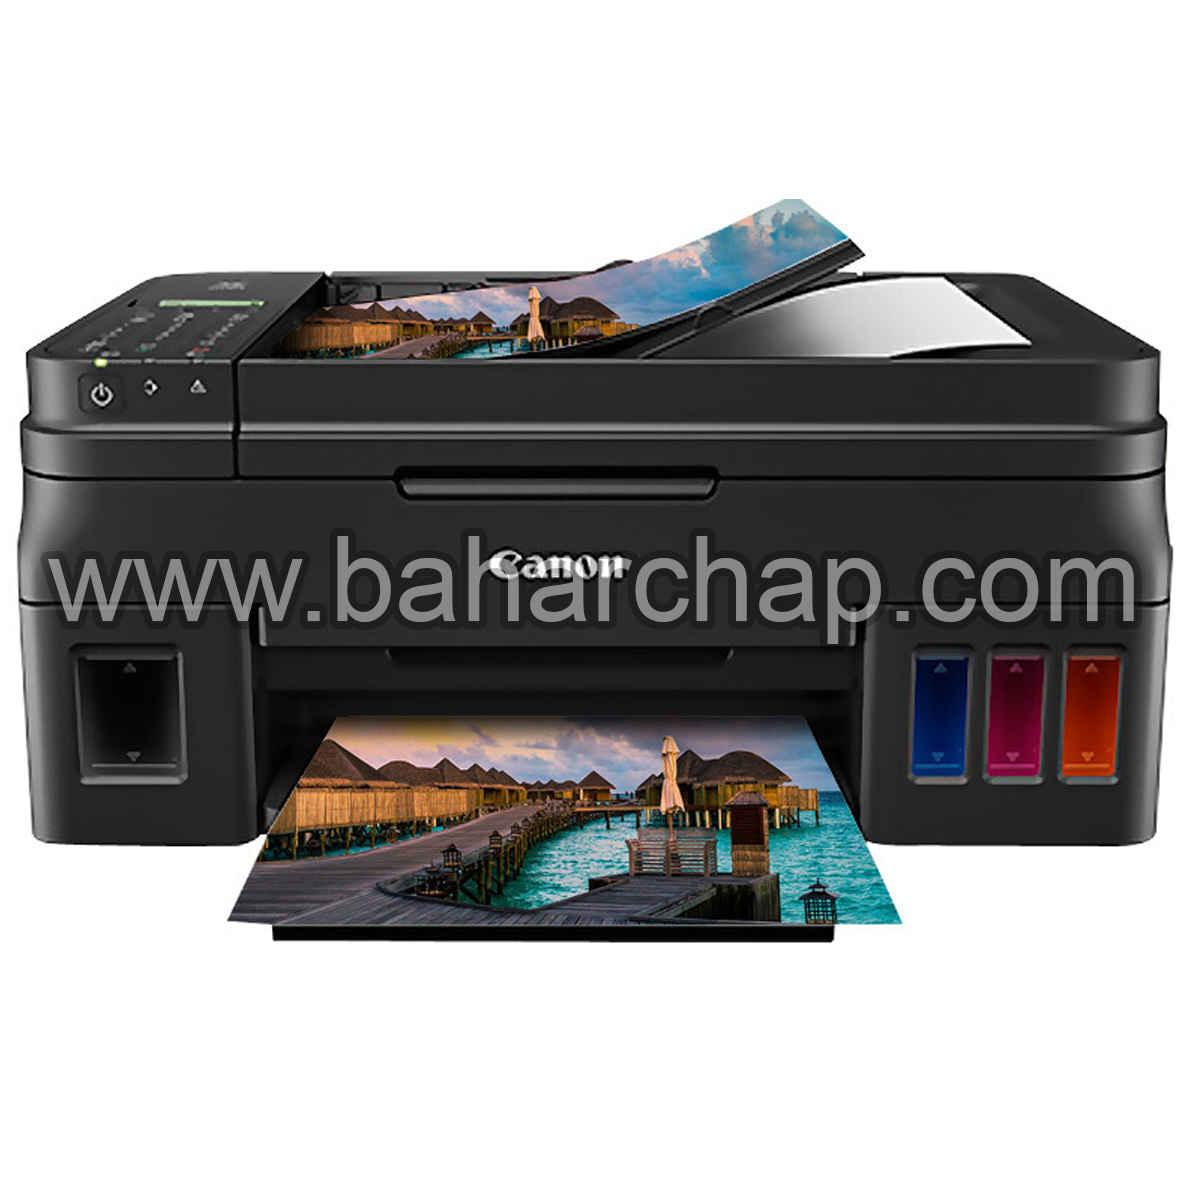 فروشگاه و خدمات اینترنتی بهارچاپ اصفهان-دانلود نرم افزار ریست پرینتر Canon G4800-Reset canon by ST5105